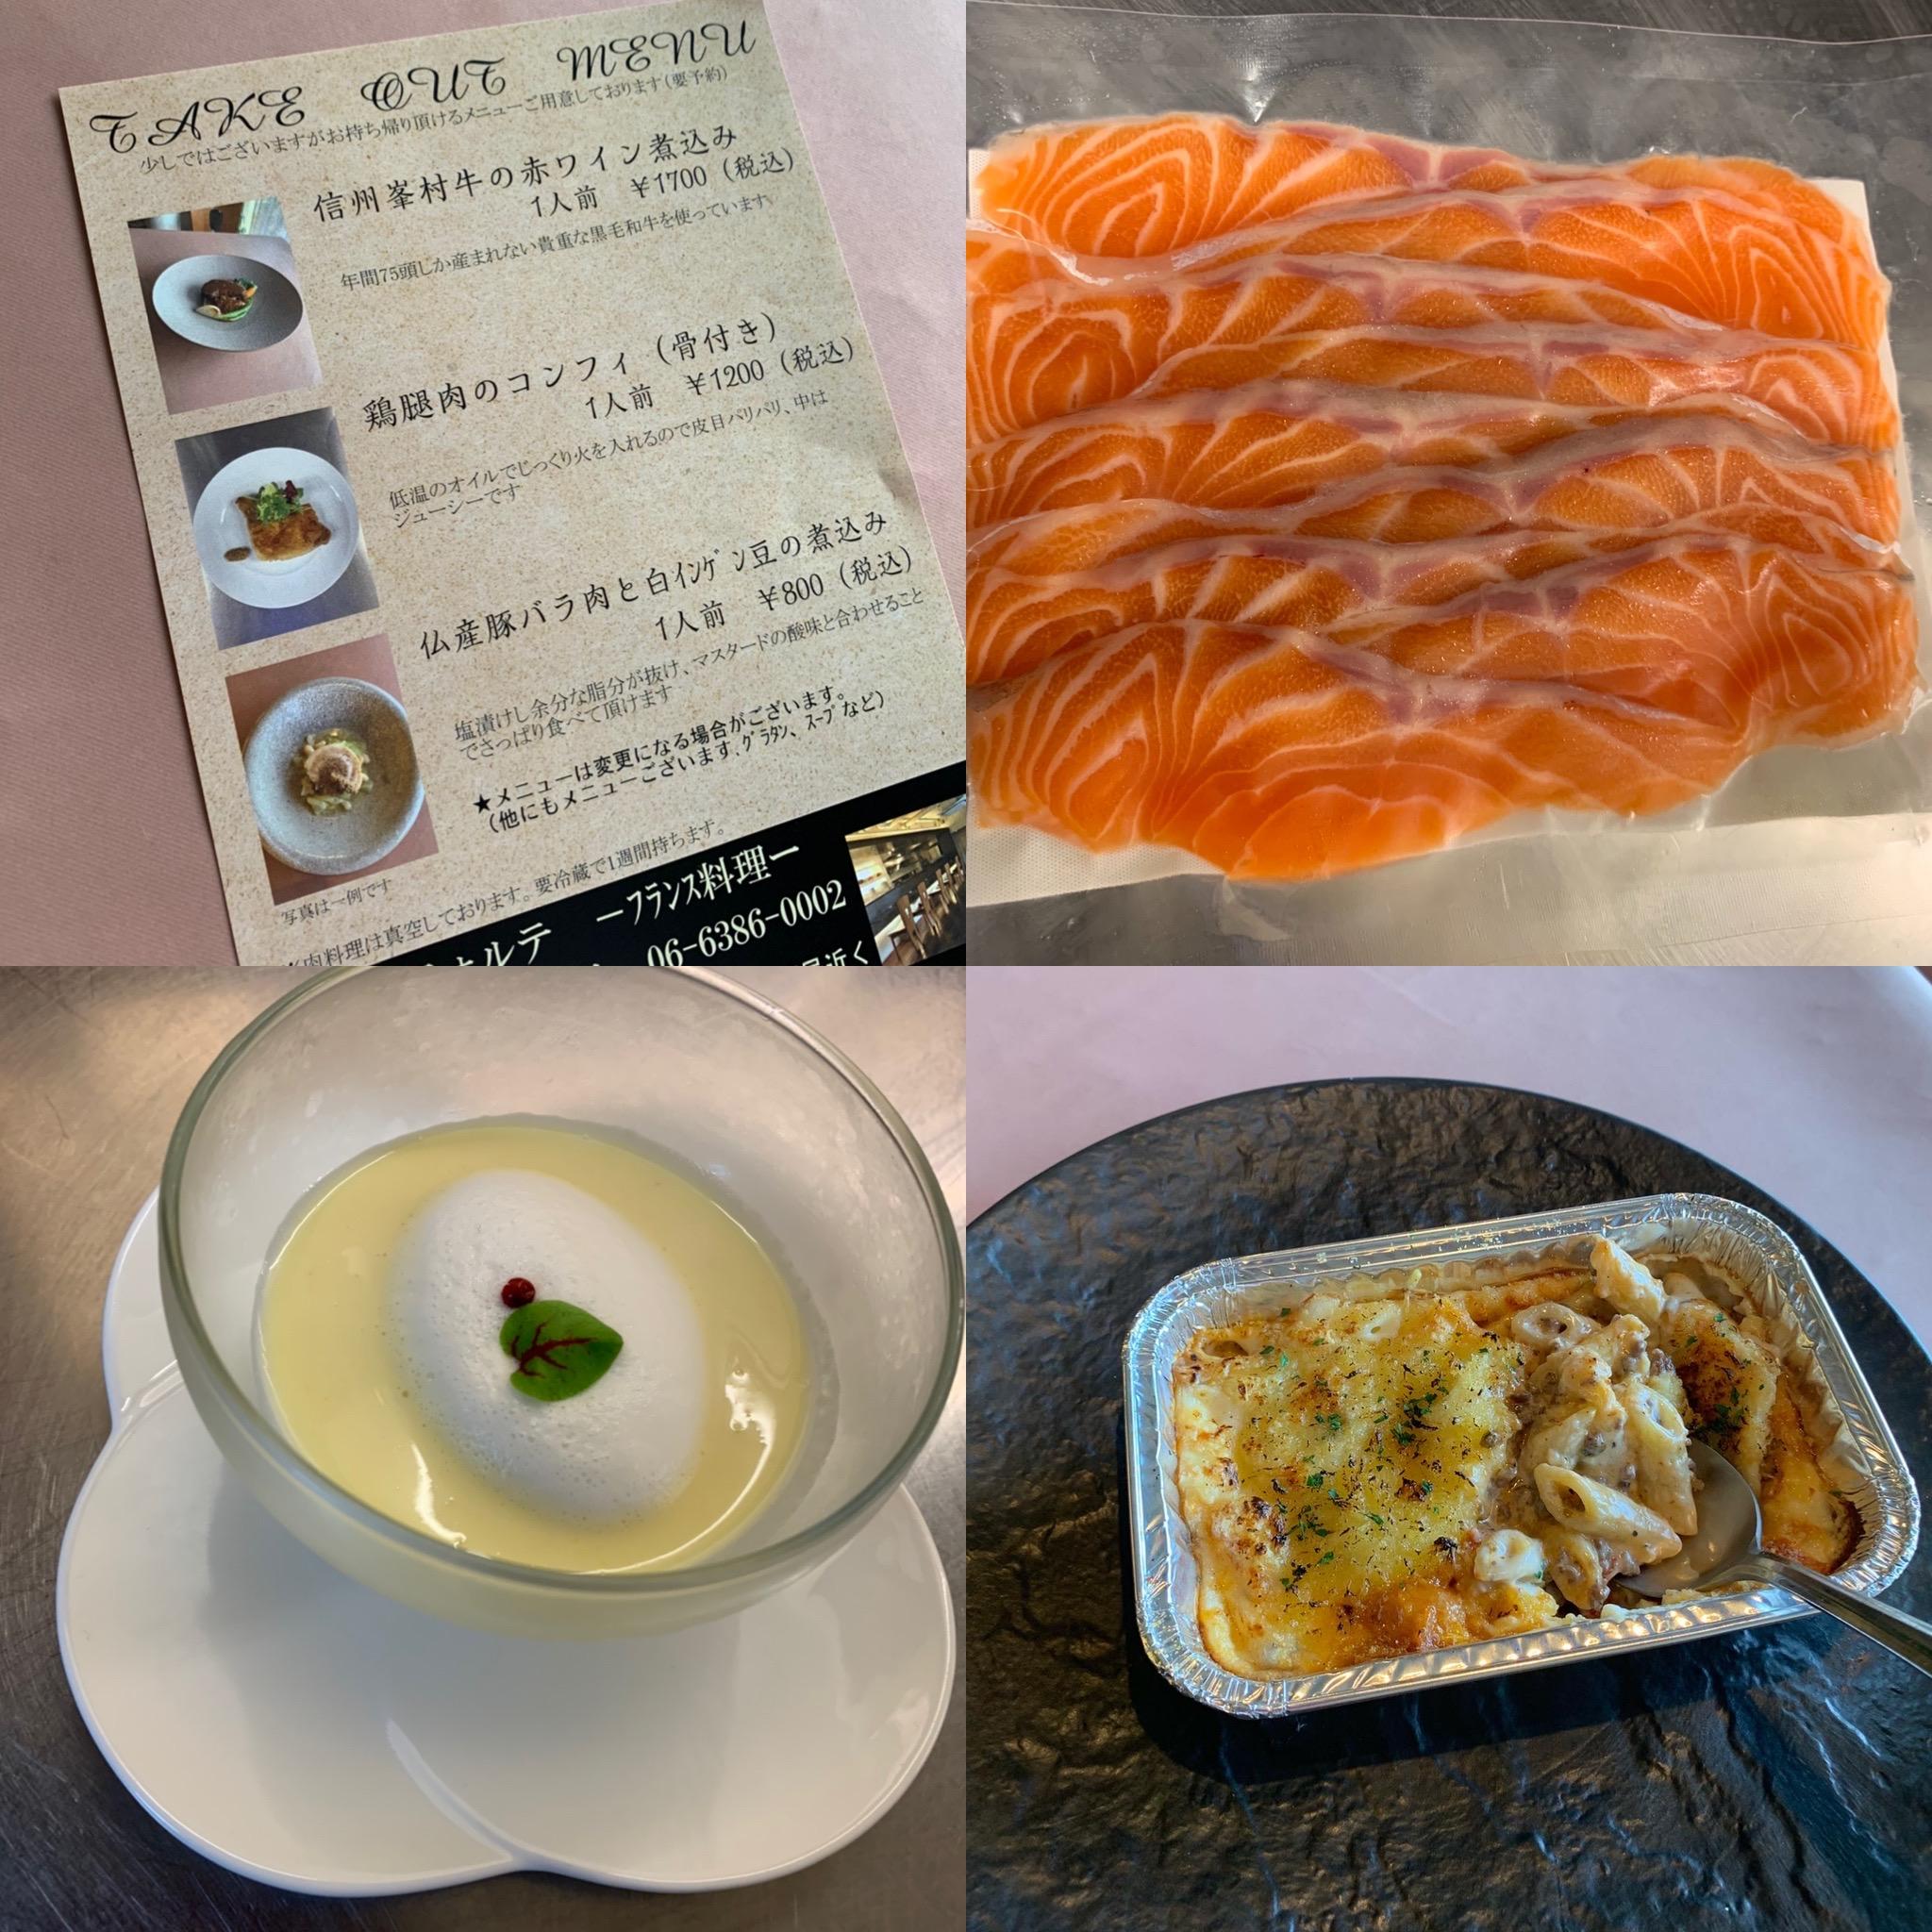 8/8(土)〜16(日)テイクアウトやってます🥡